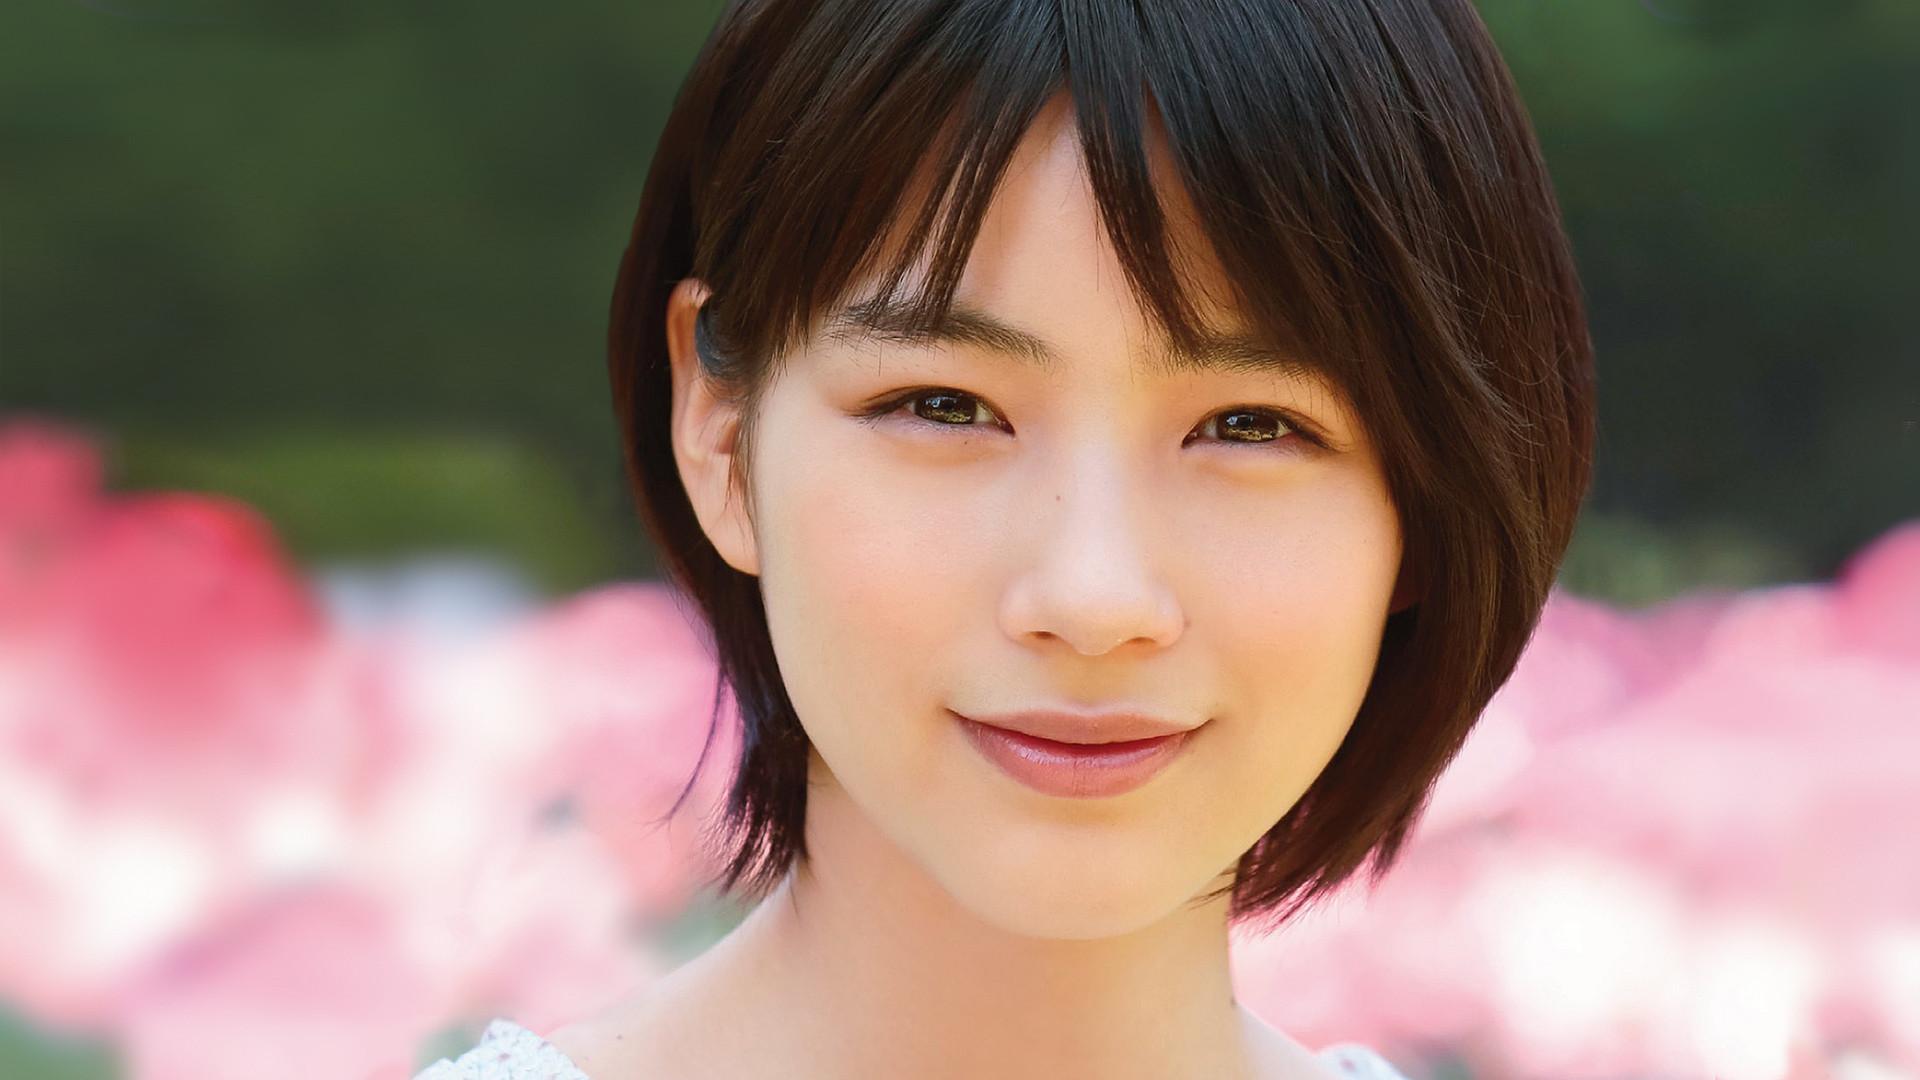 大人気女優・能年玲奈さんの素が見れるしゃべくり007出演時のまとめのサムネイル画像